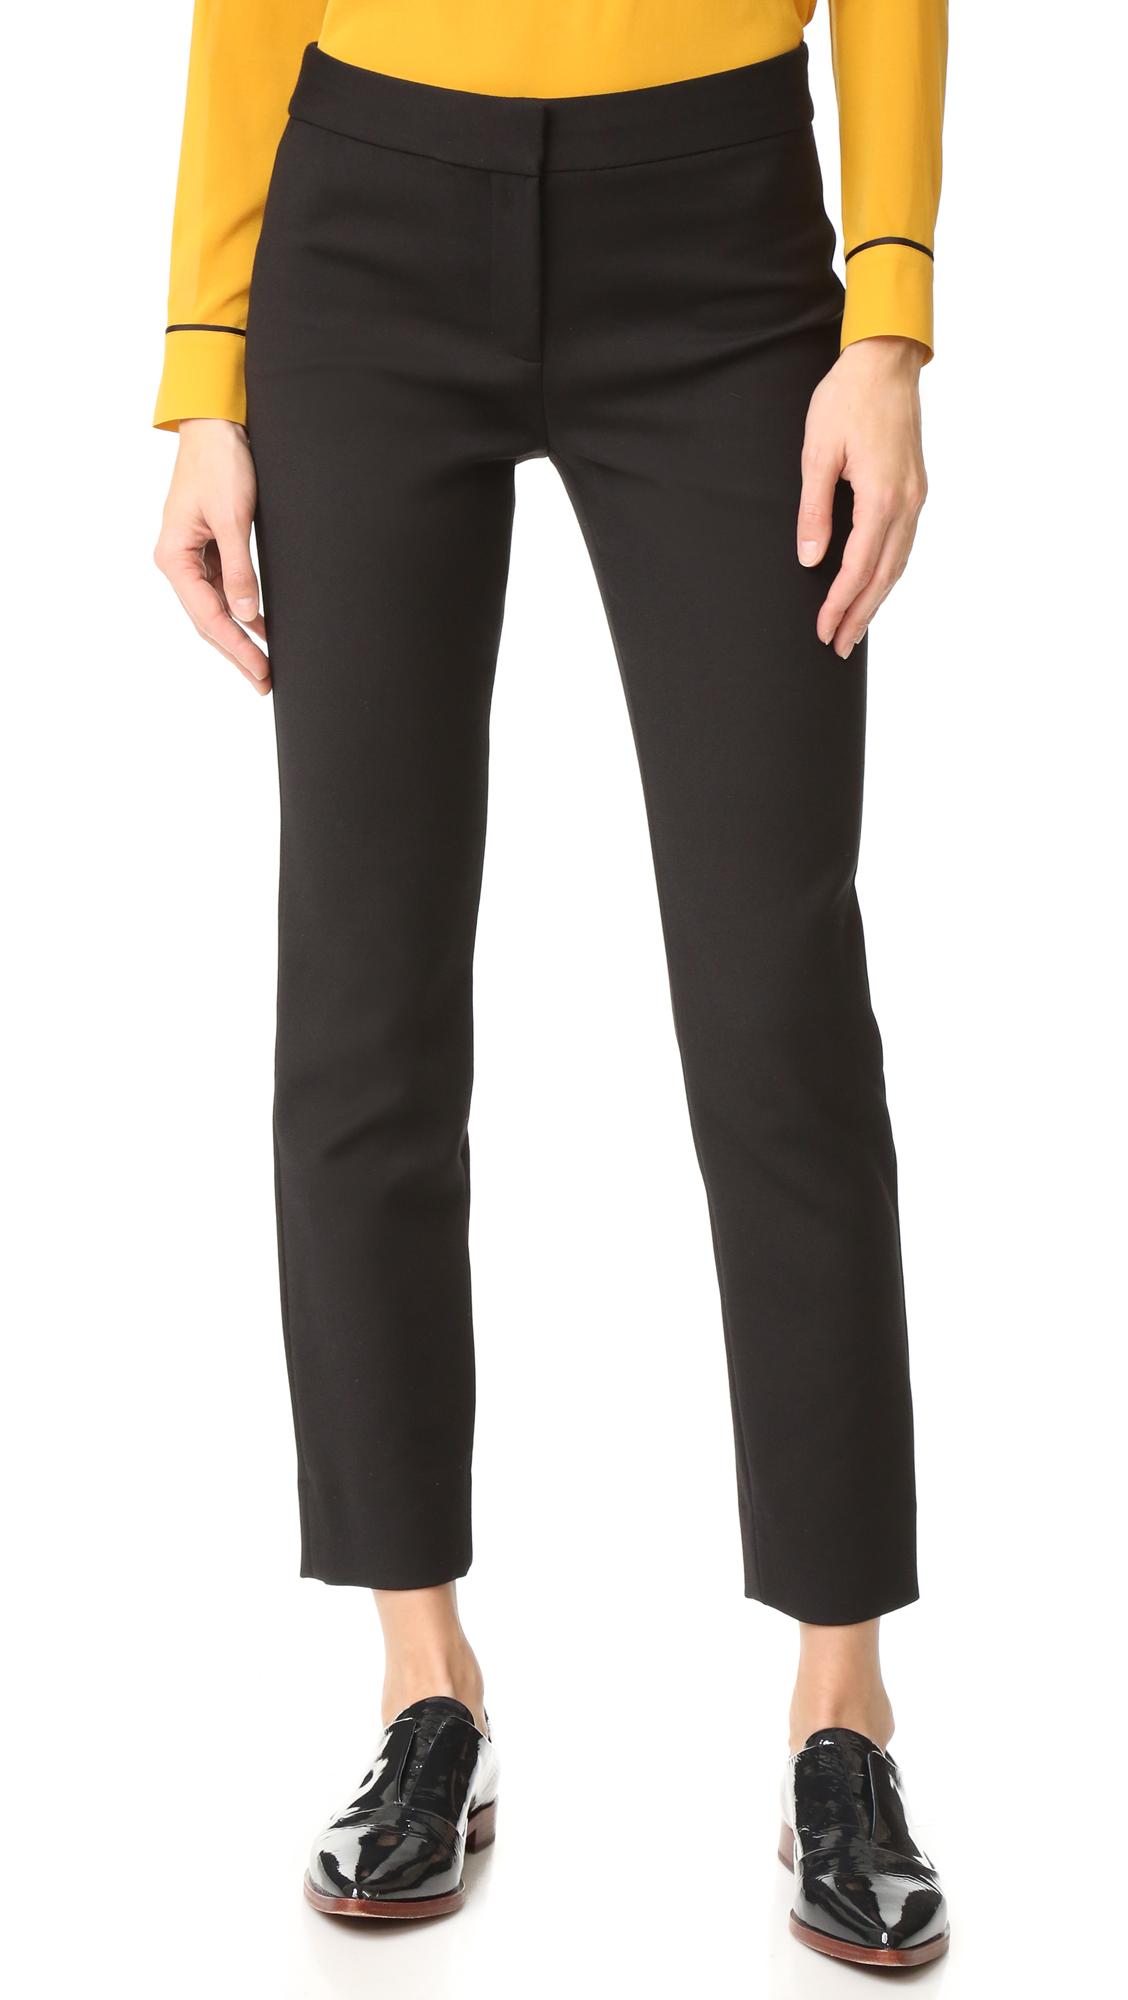 diane von furstenberg female diane von furstenberg jodie pants black